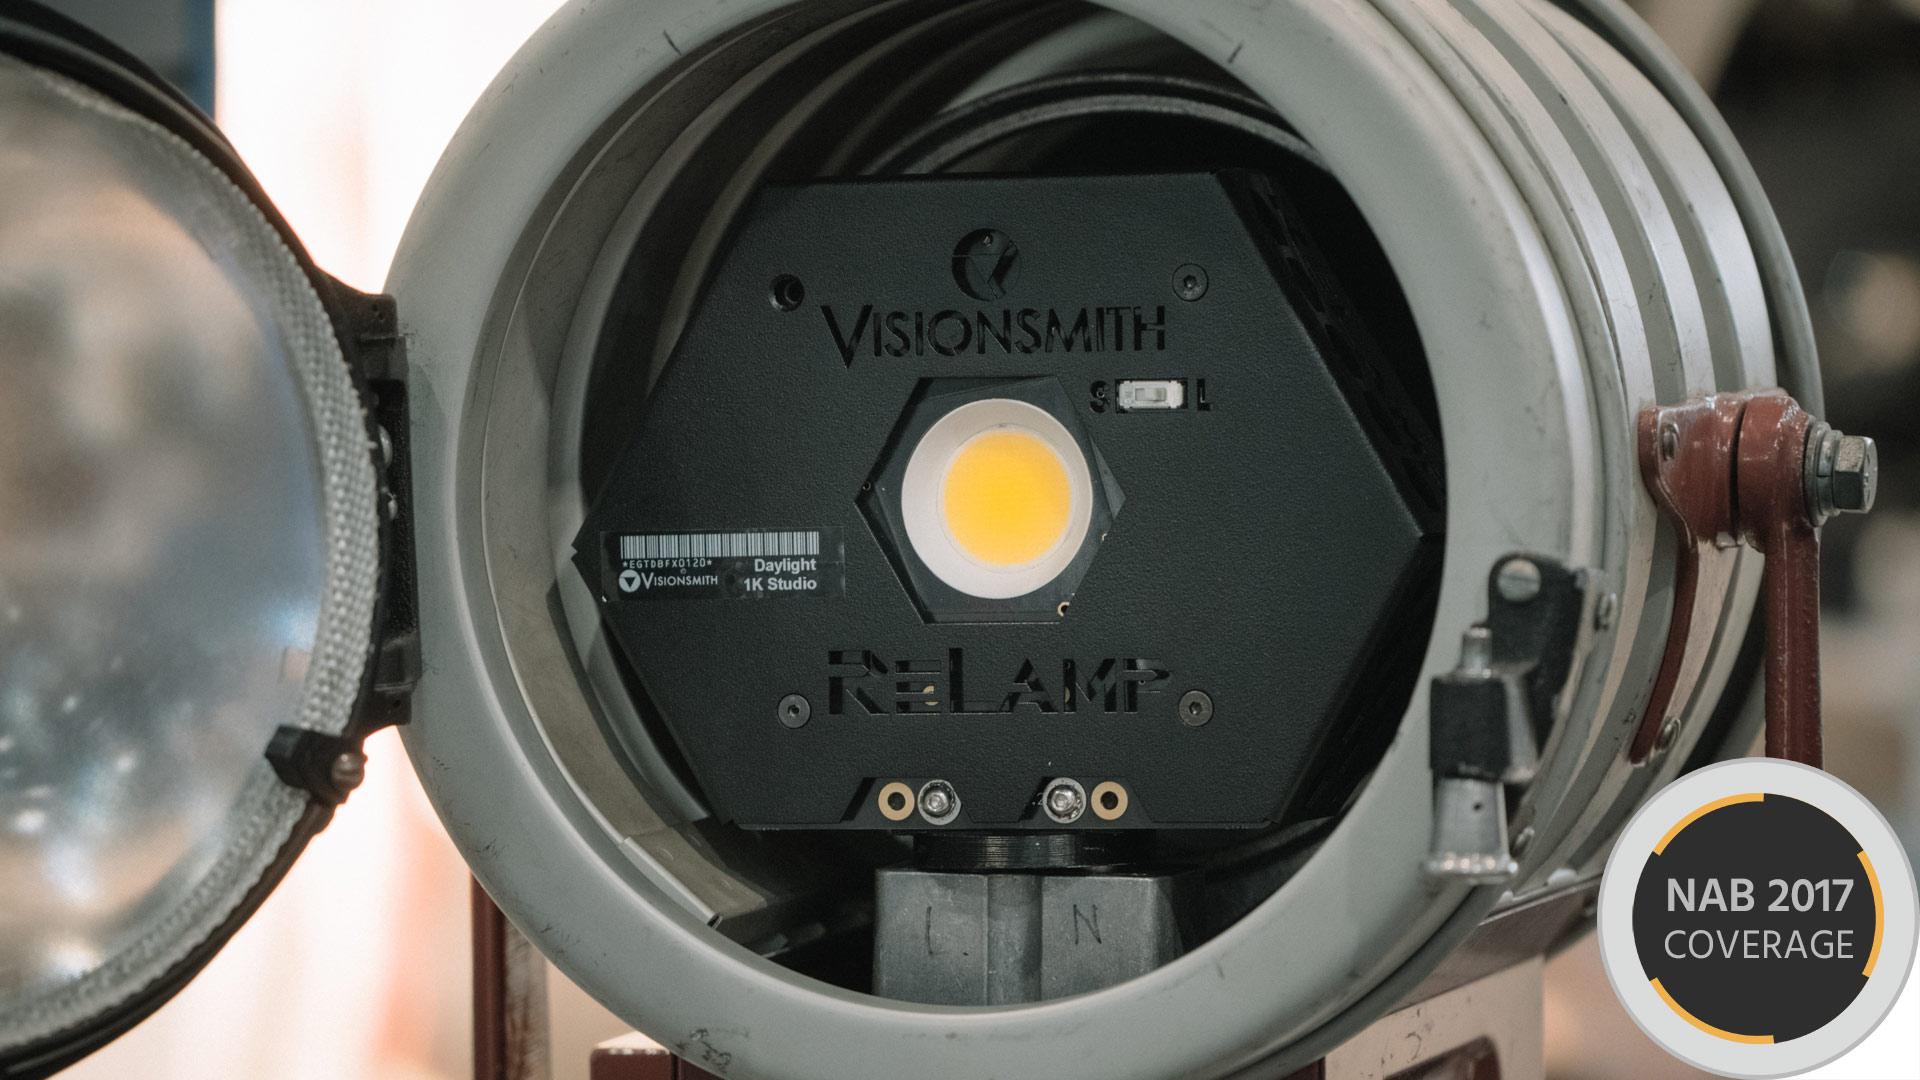 VisionsmithのReLampシステム - 電球だけLEDに交換するという考え方